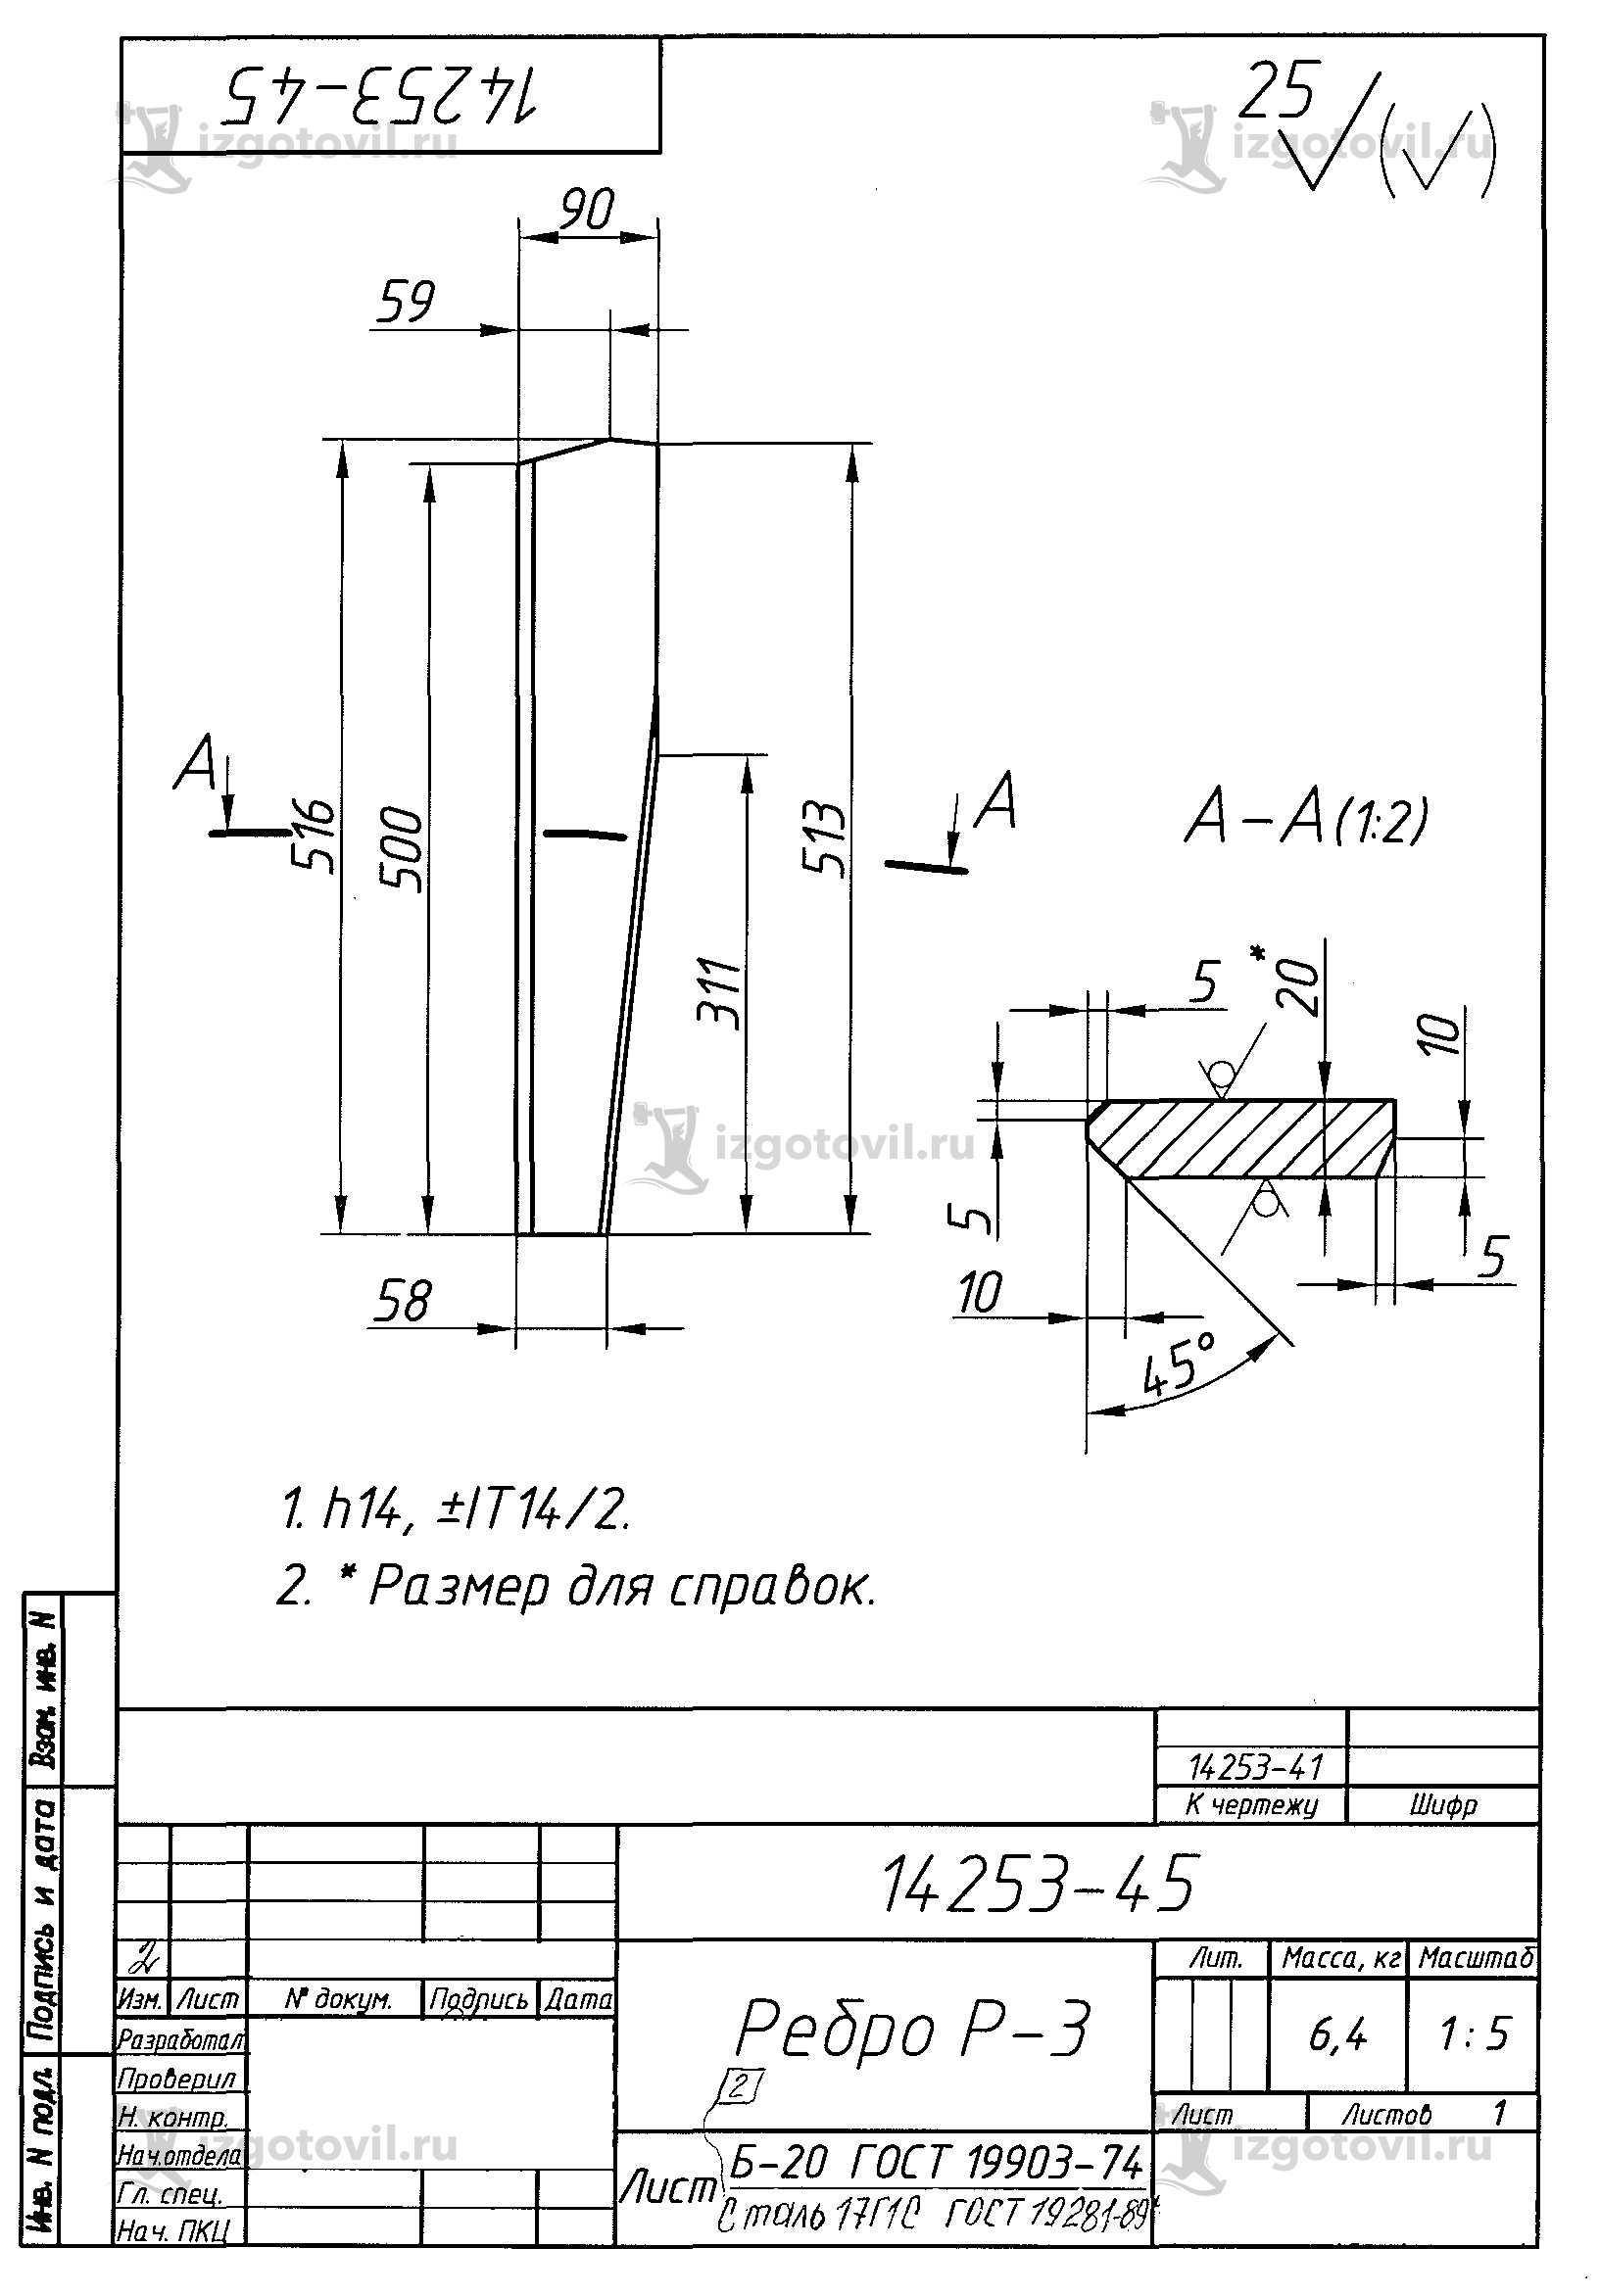 Изготовление деталей по чертежам (фланцы)